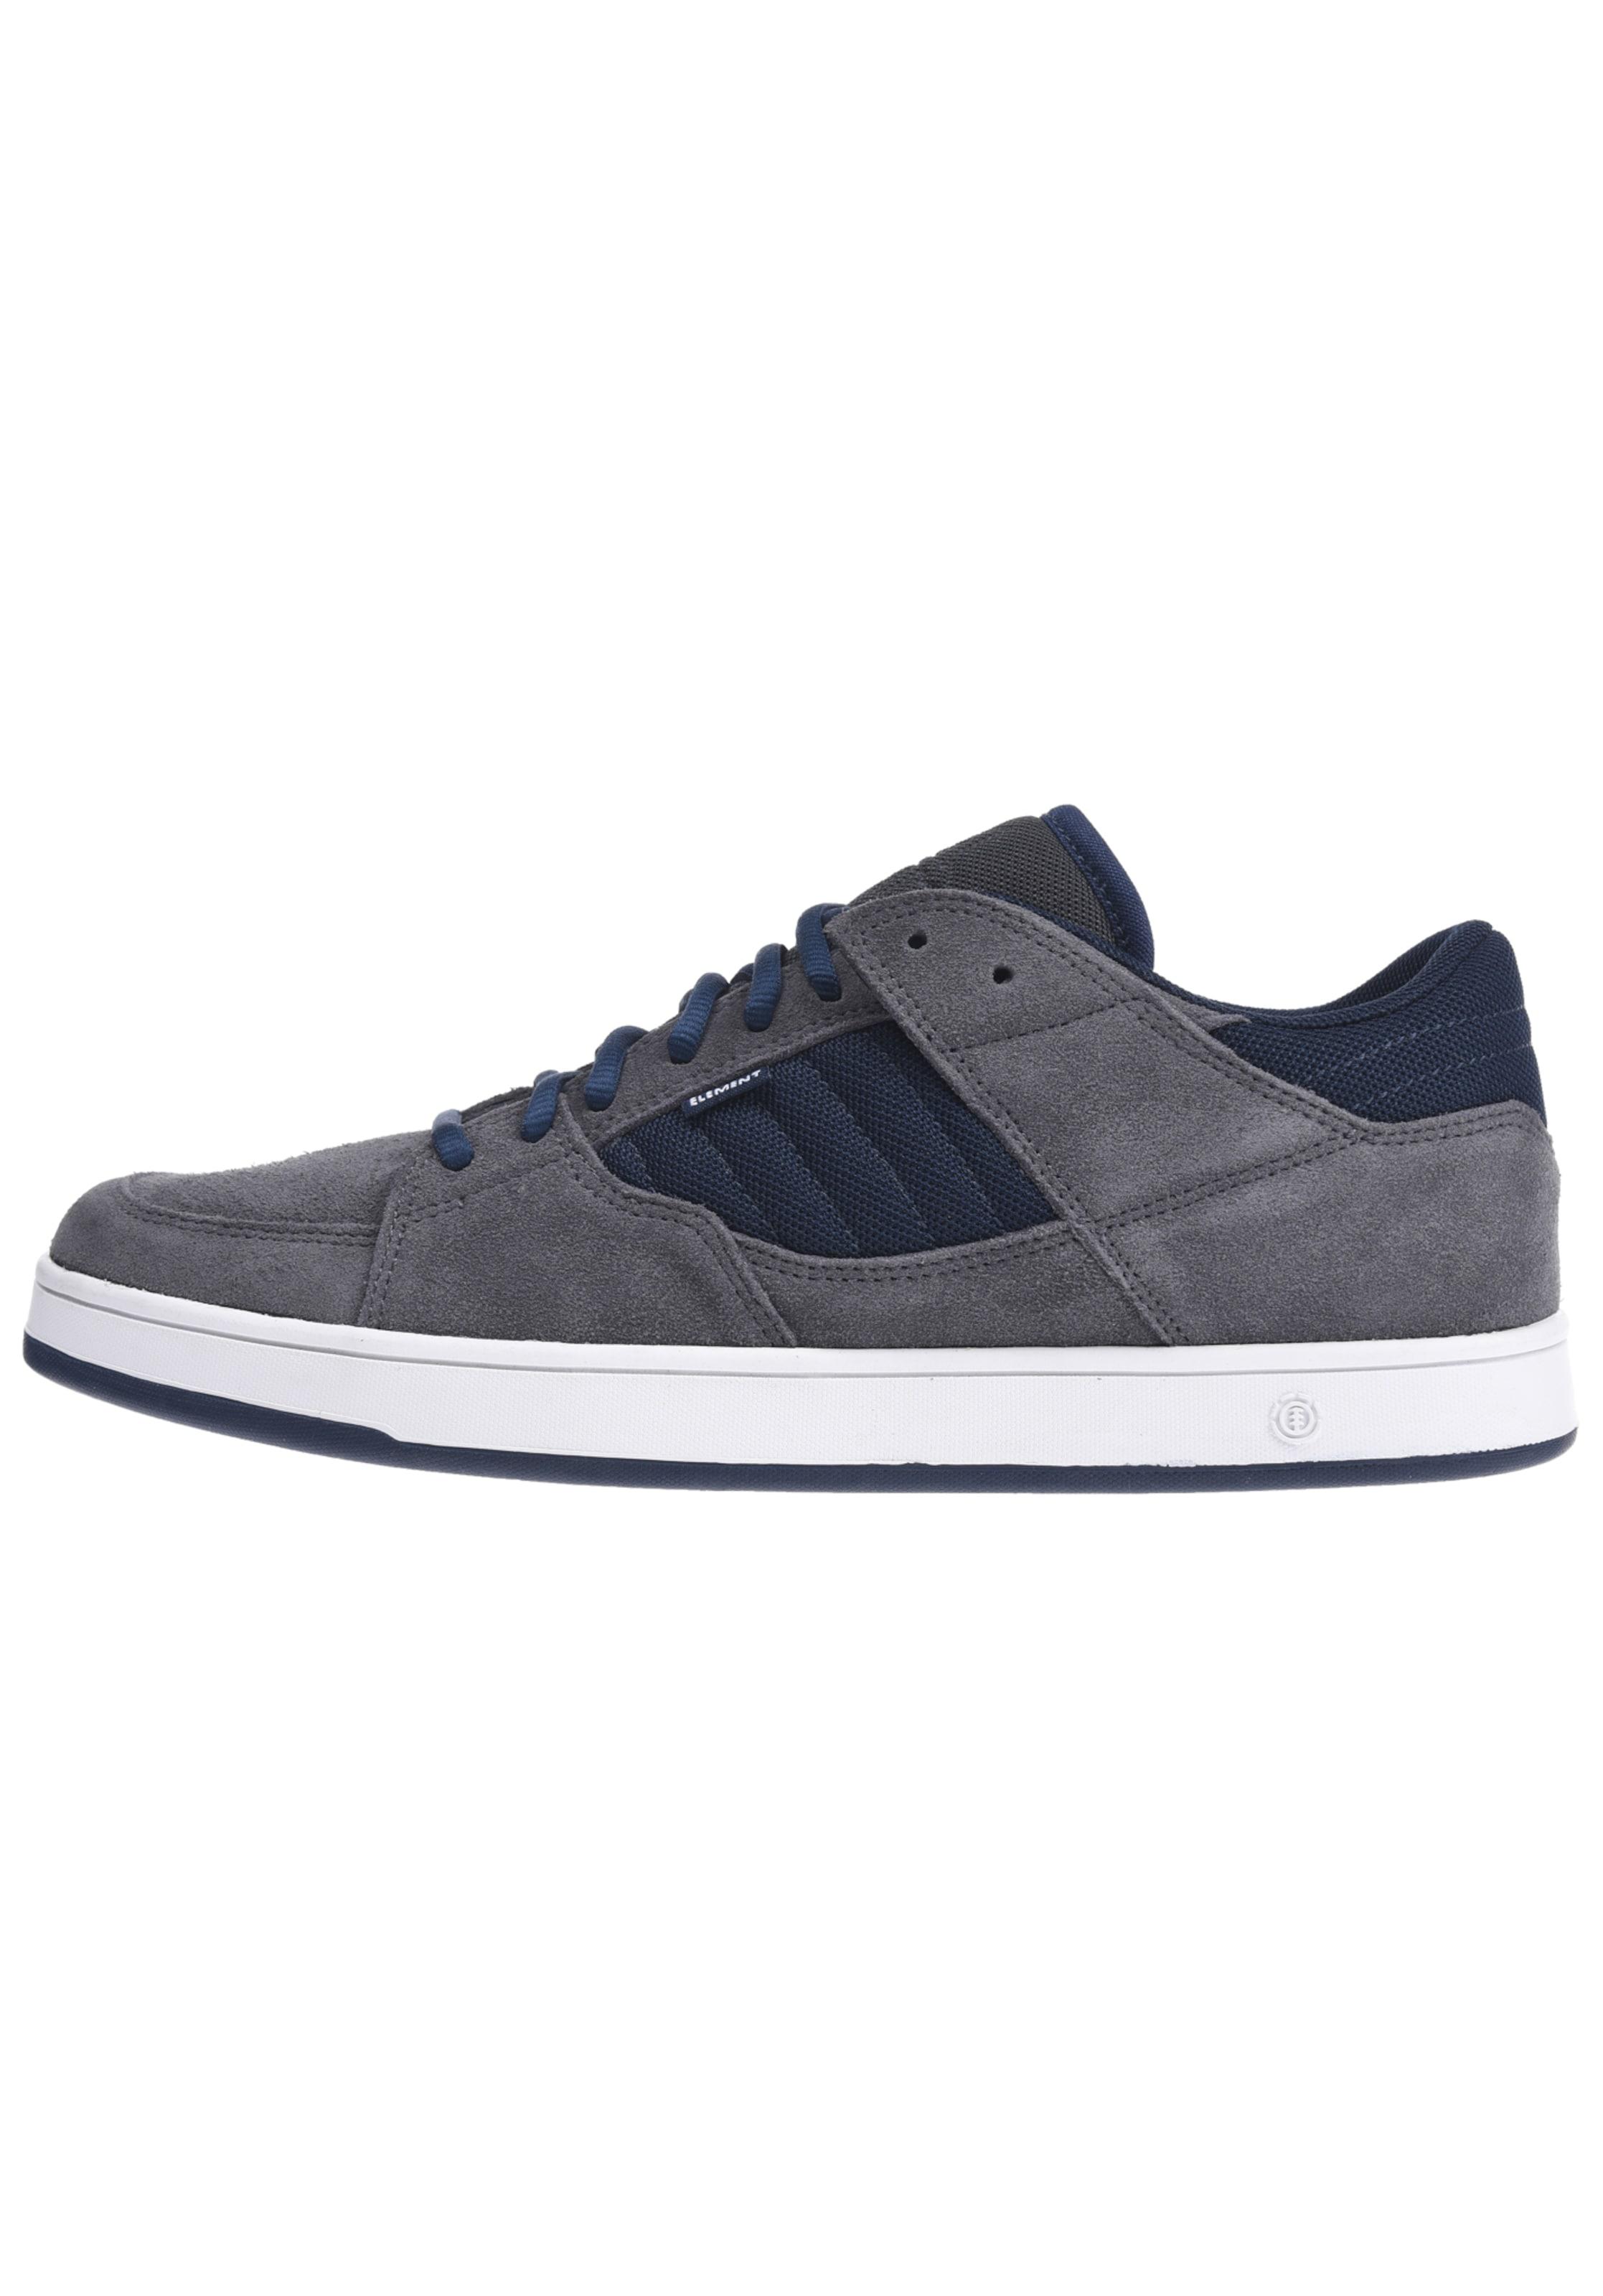 ELEMENT Glt2 Sneaker Verschleißfeste billige Schuhe